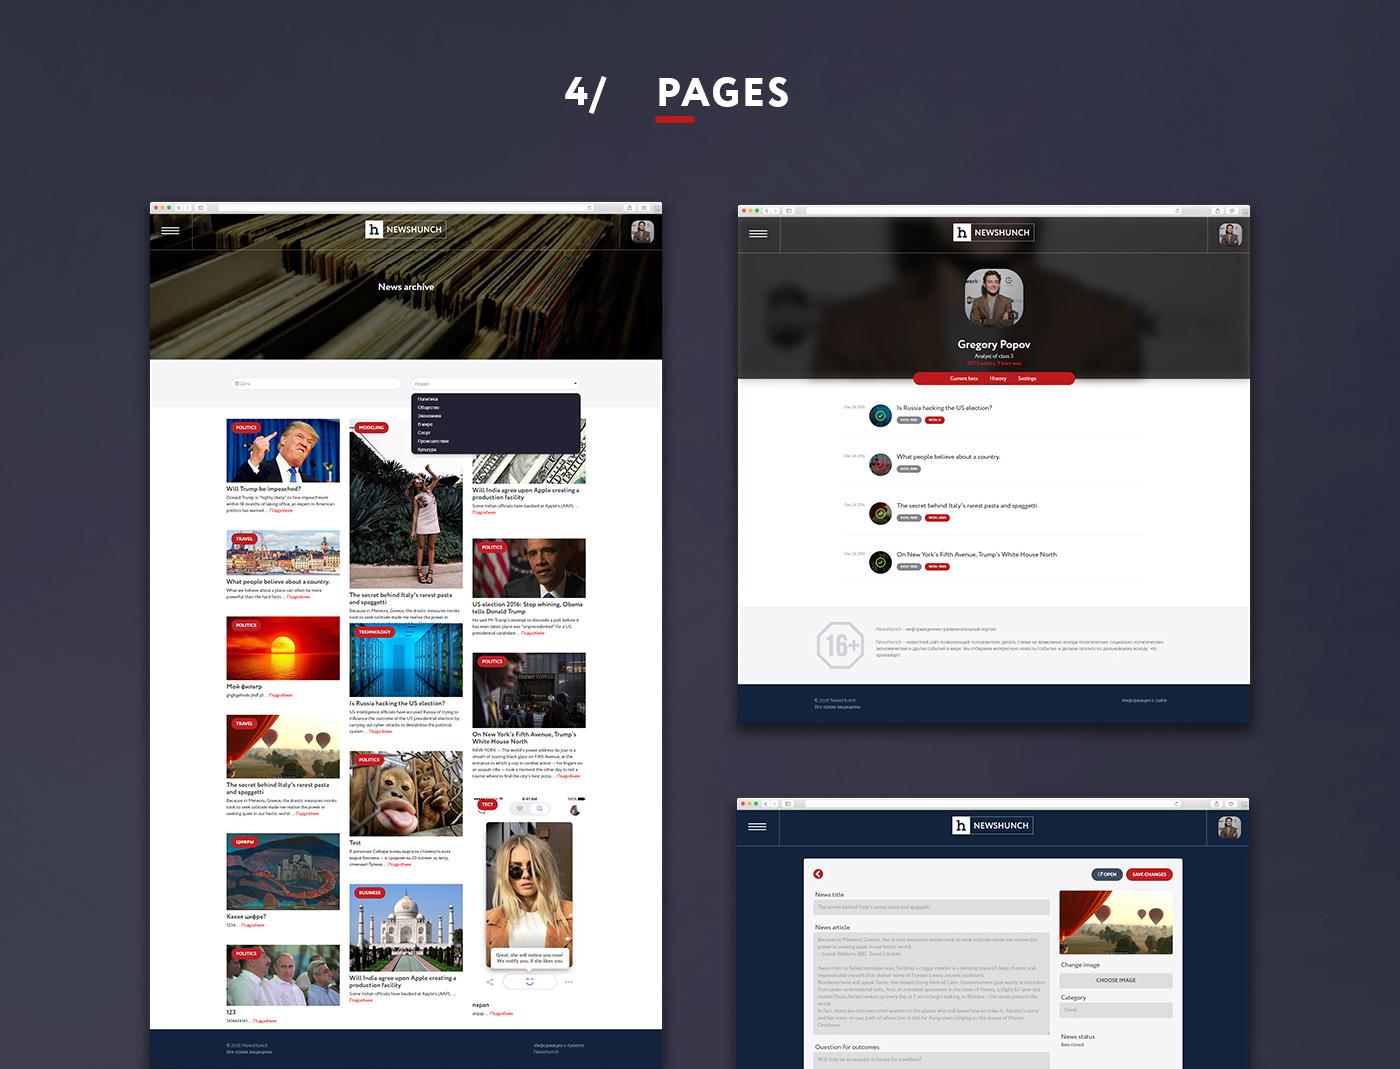 Разработка новостного портала Newshunch